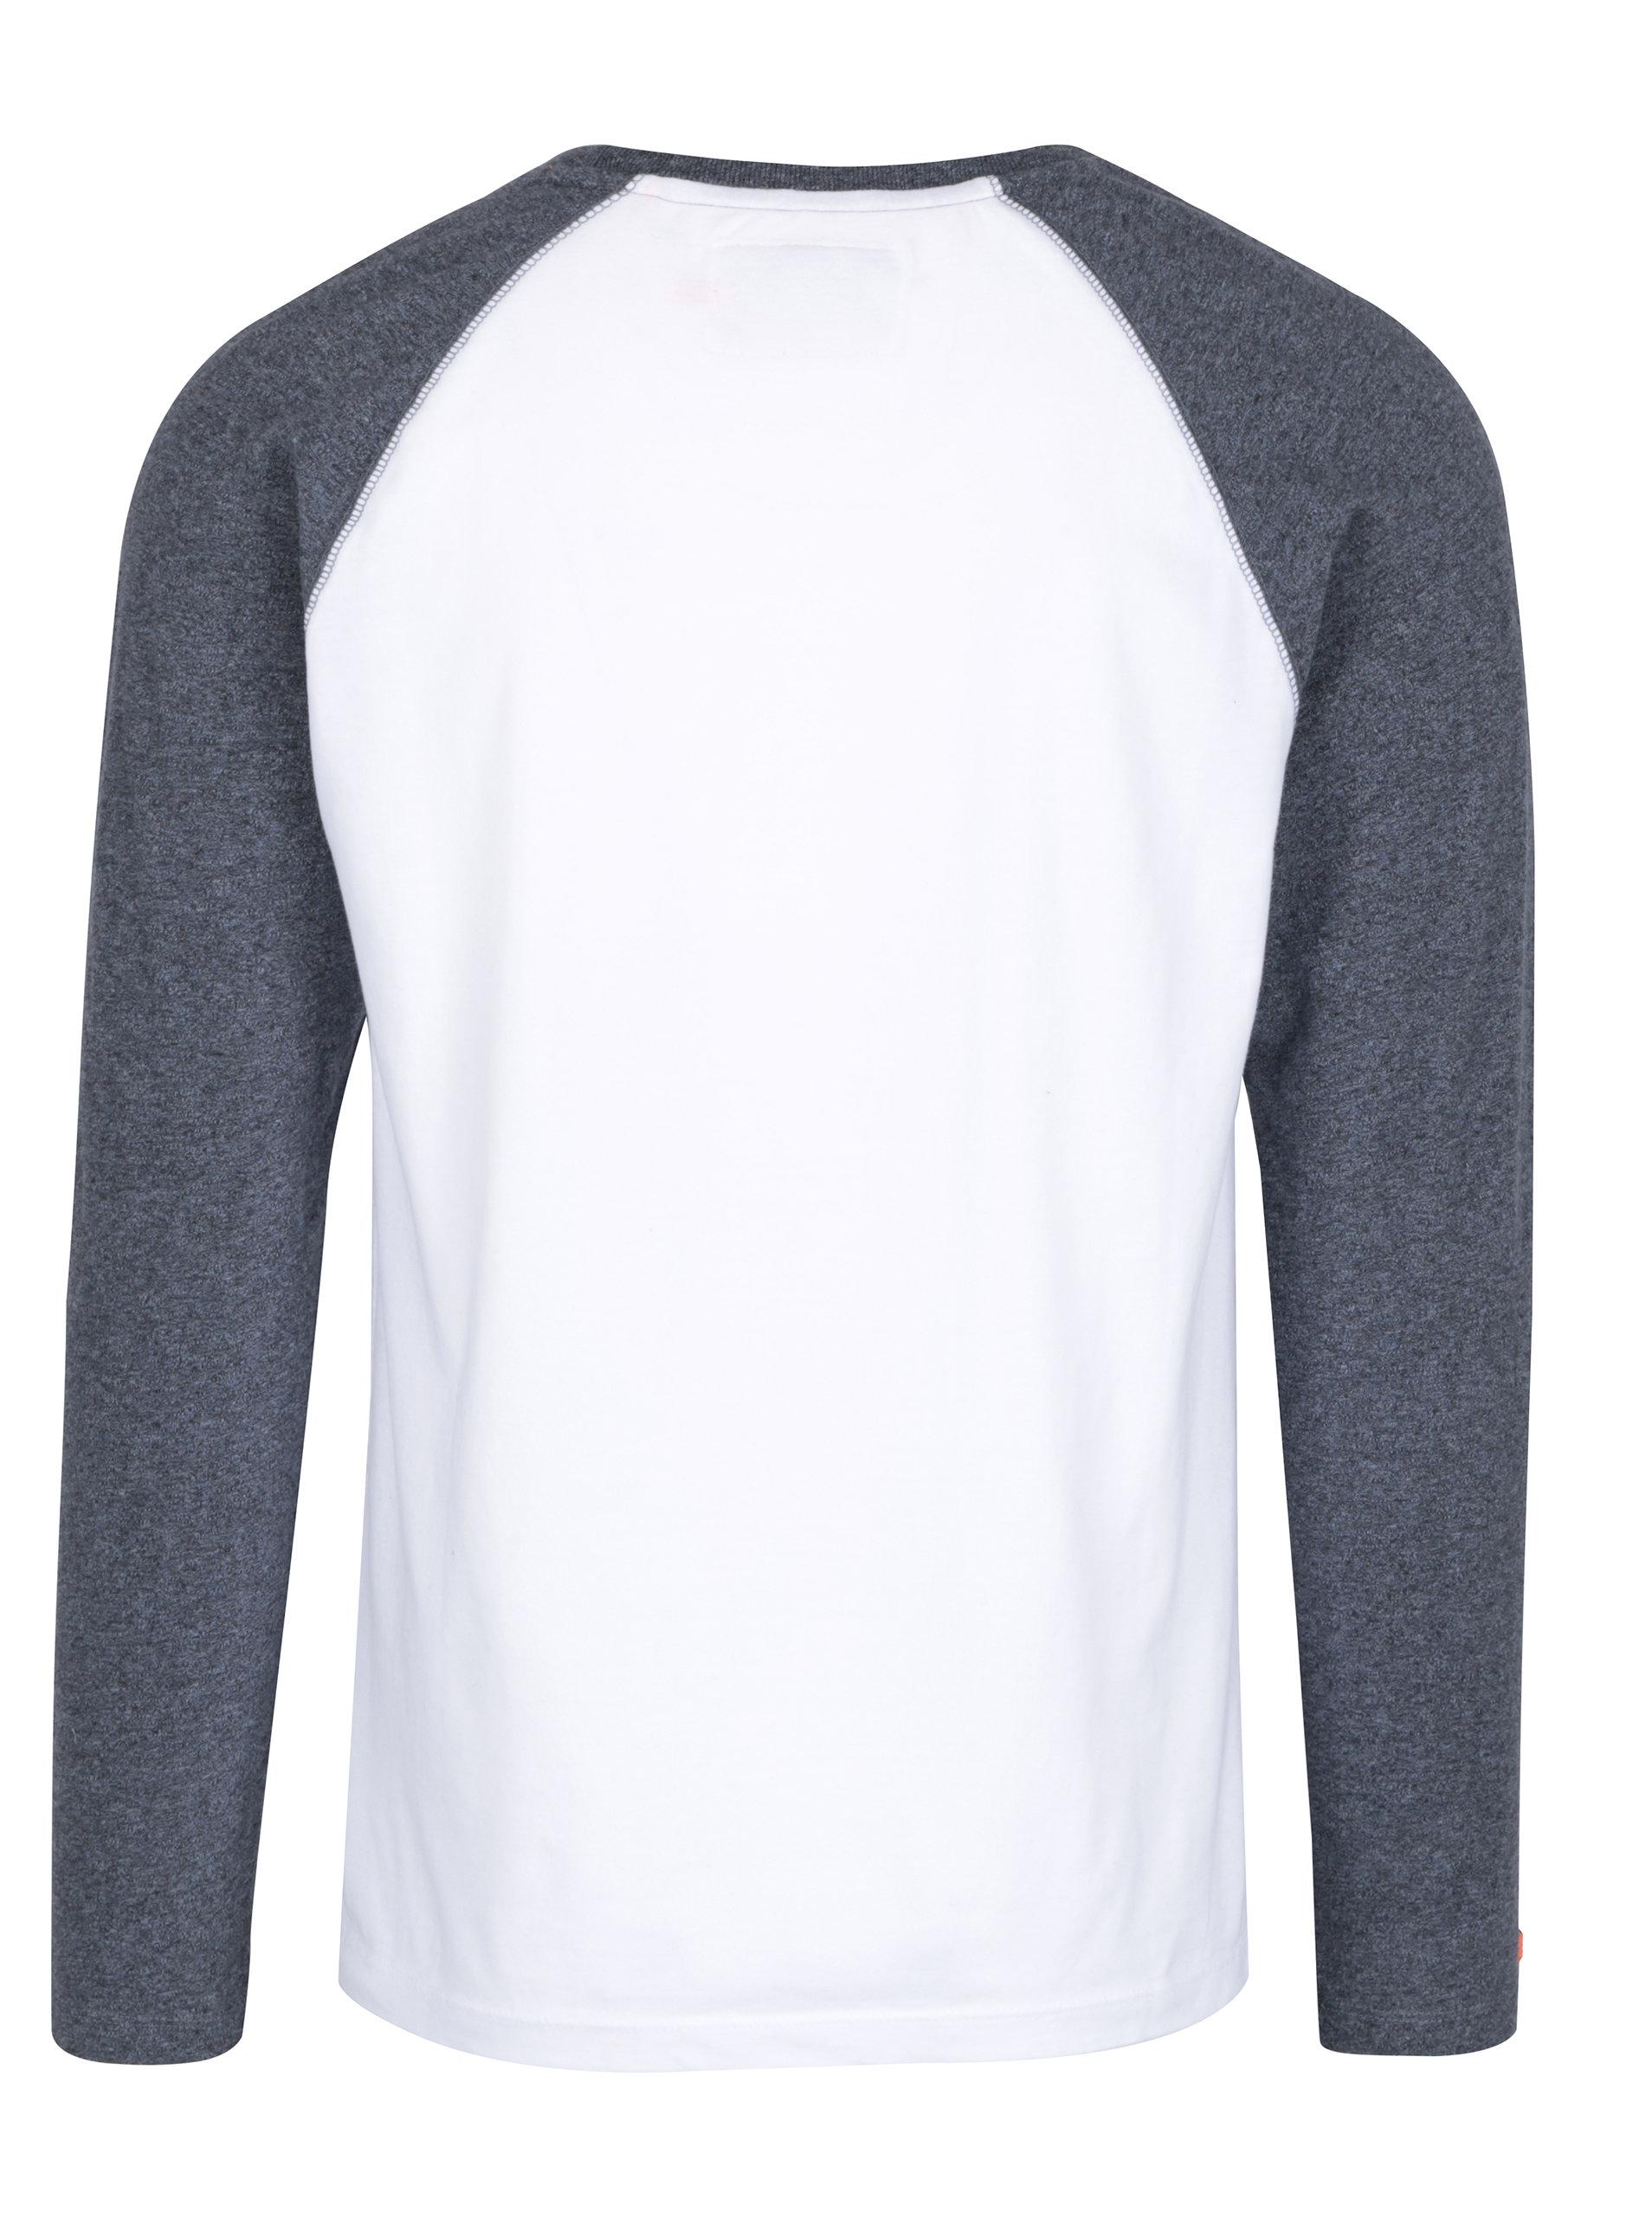 5e57d5f84413 Modro-biele pánske tričko s dlhým rukávom Superdry Orange ...